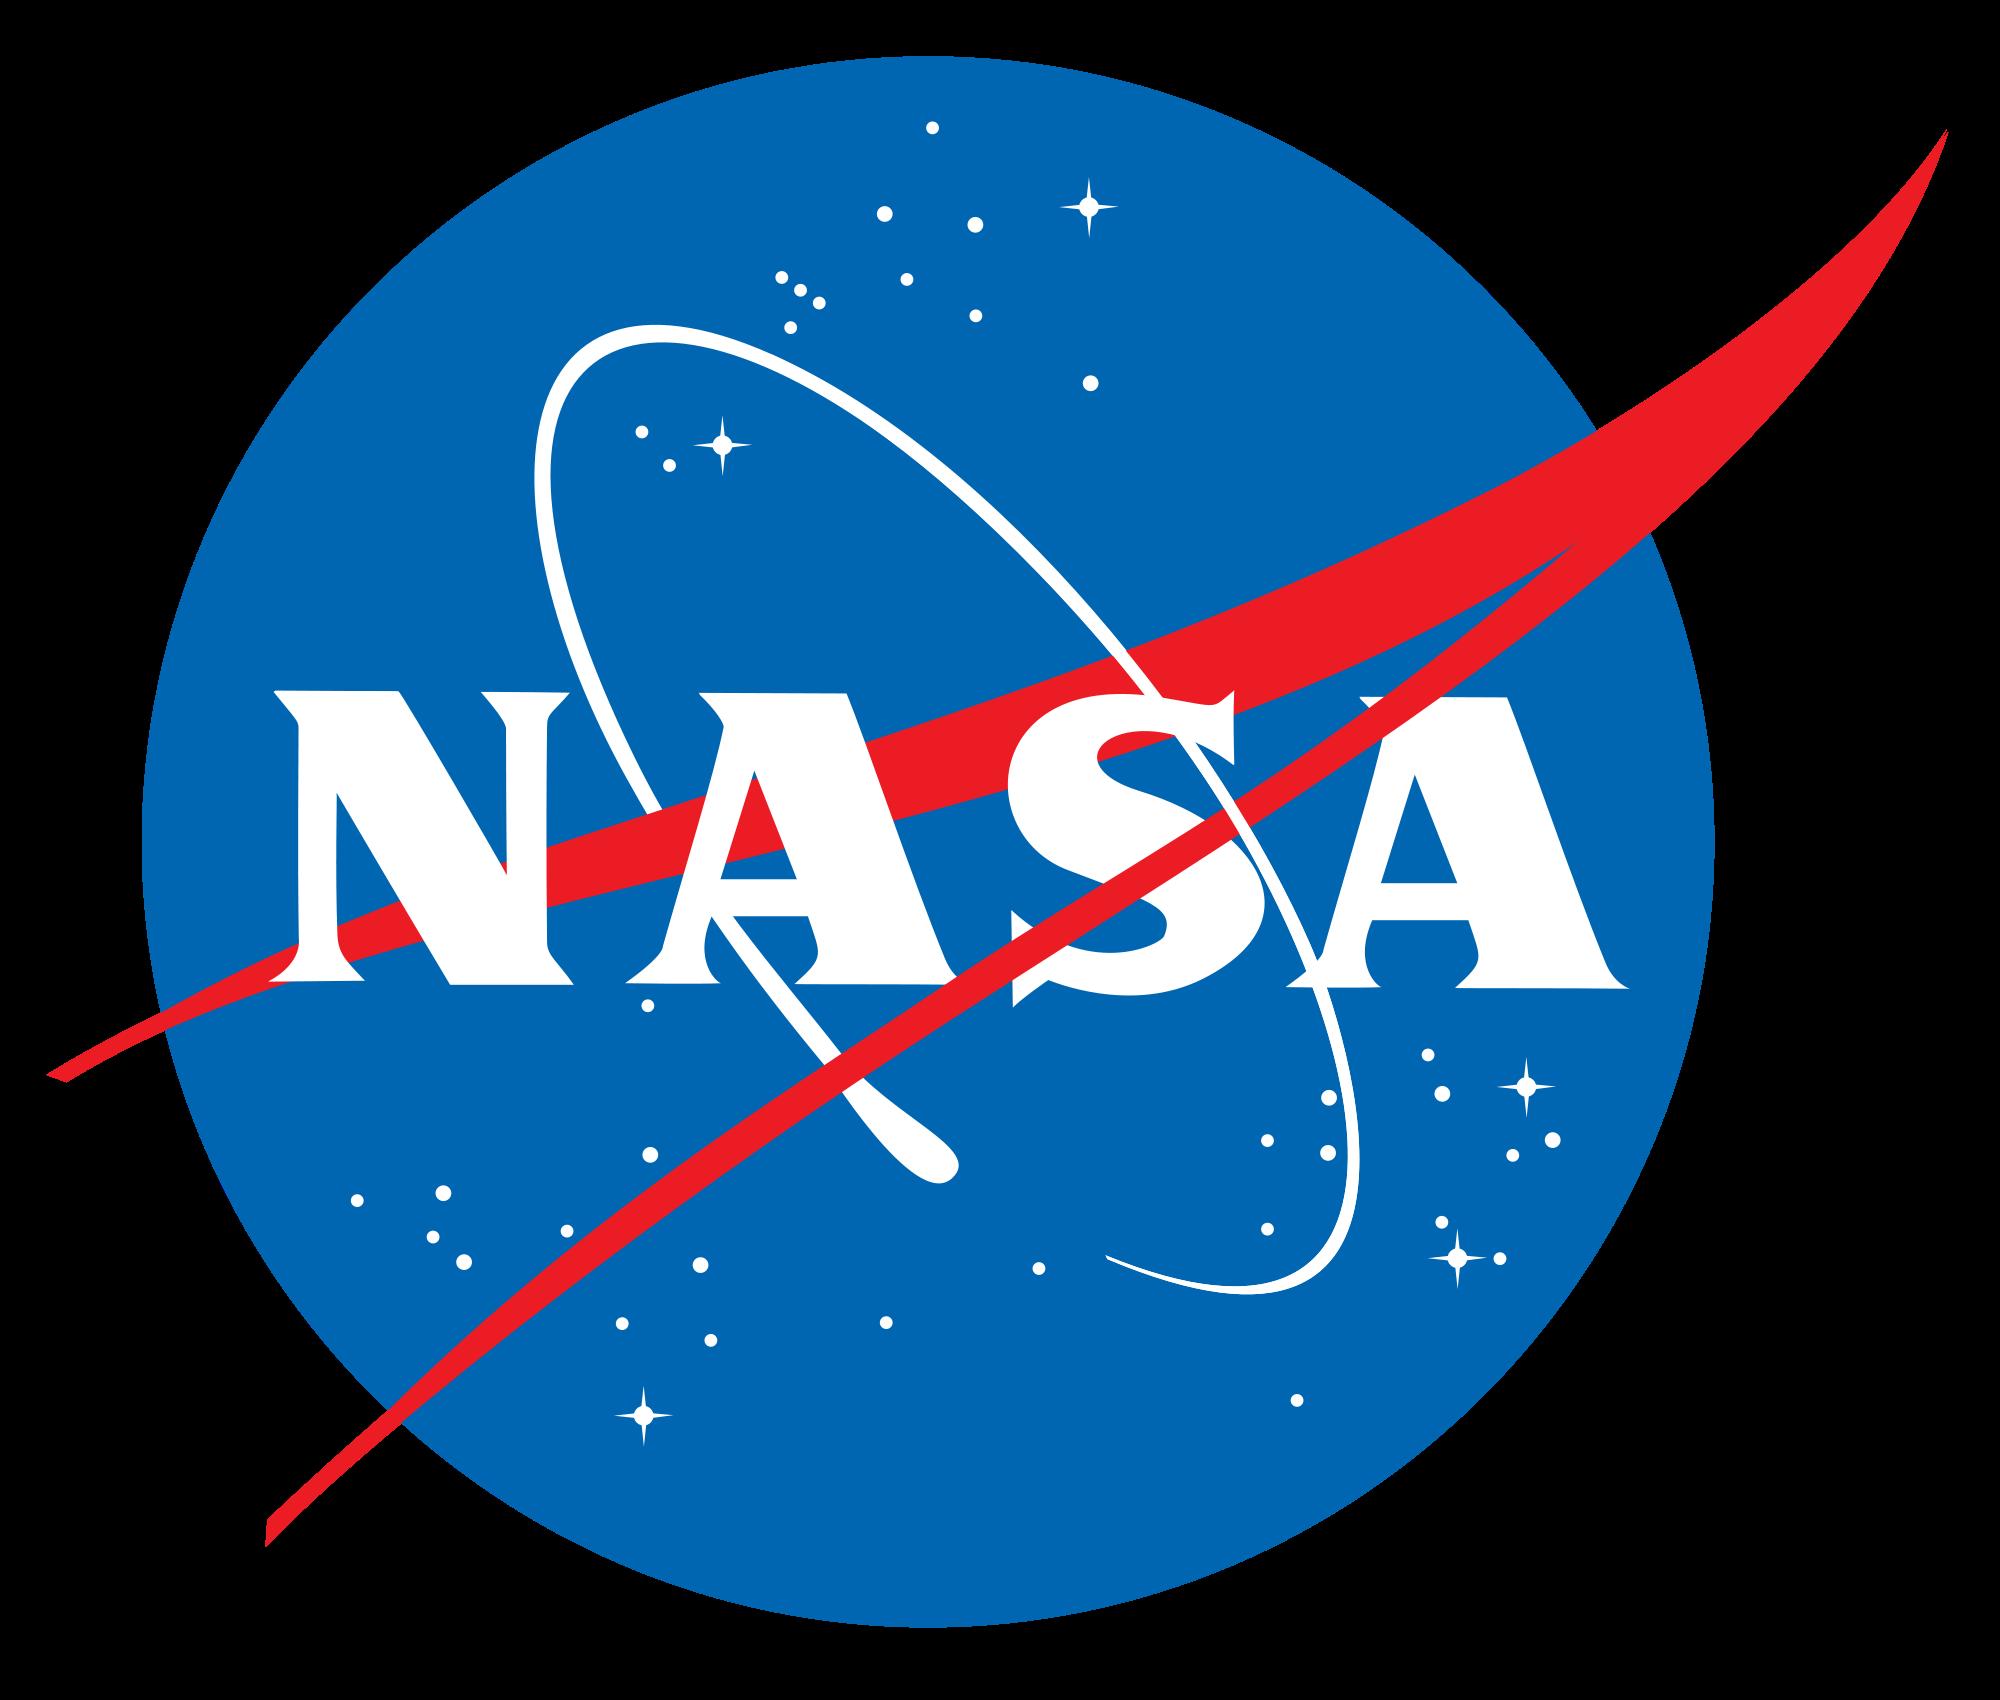 NASA_Meatball.png